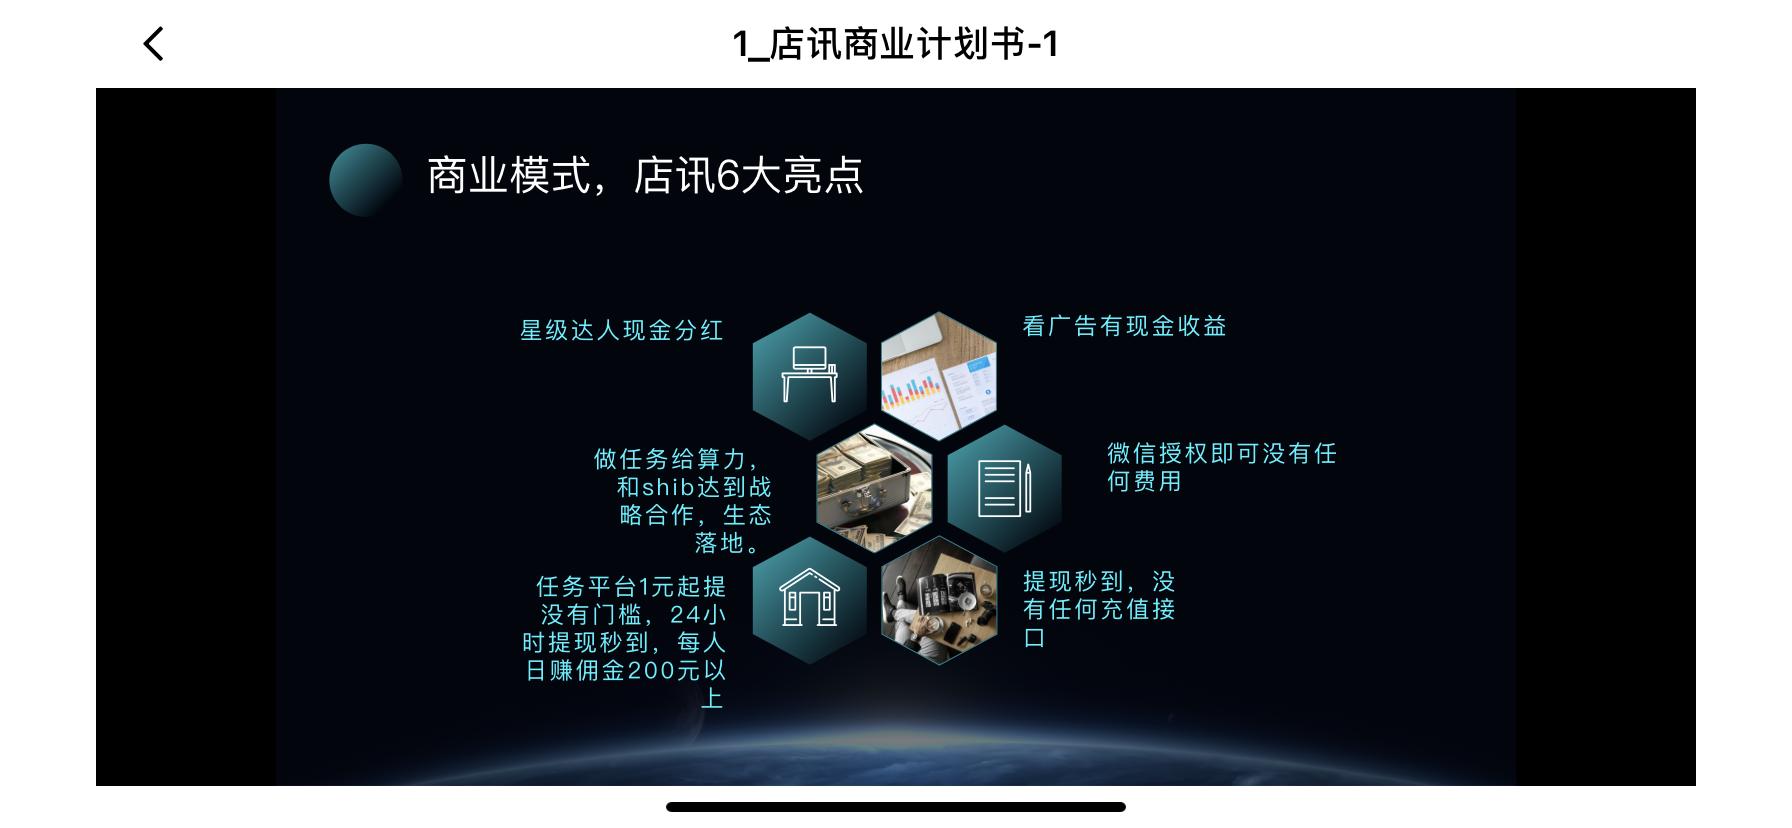 图片[5]-2021年6月8号上线最强0撸项目(店讯商业)白嫖神盘-首码社